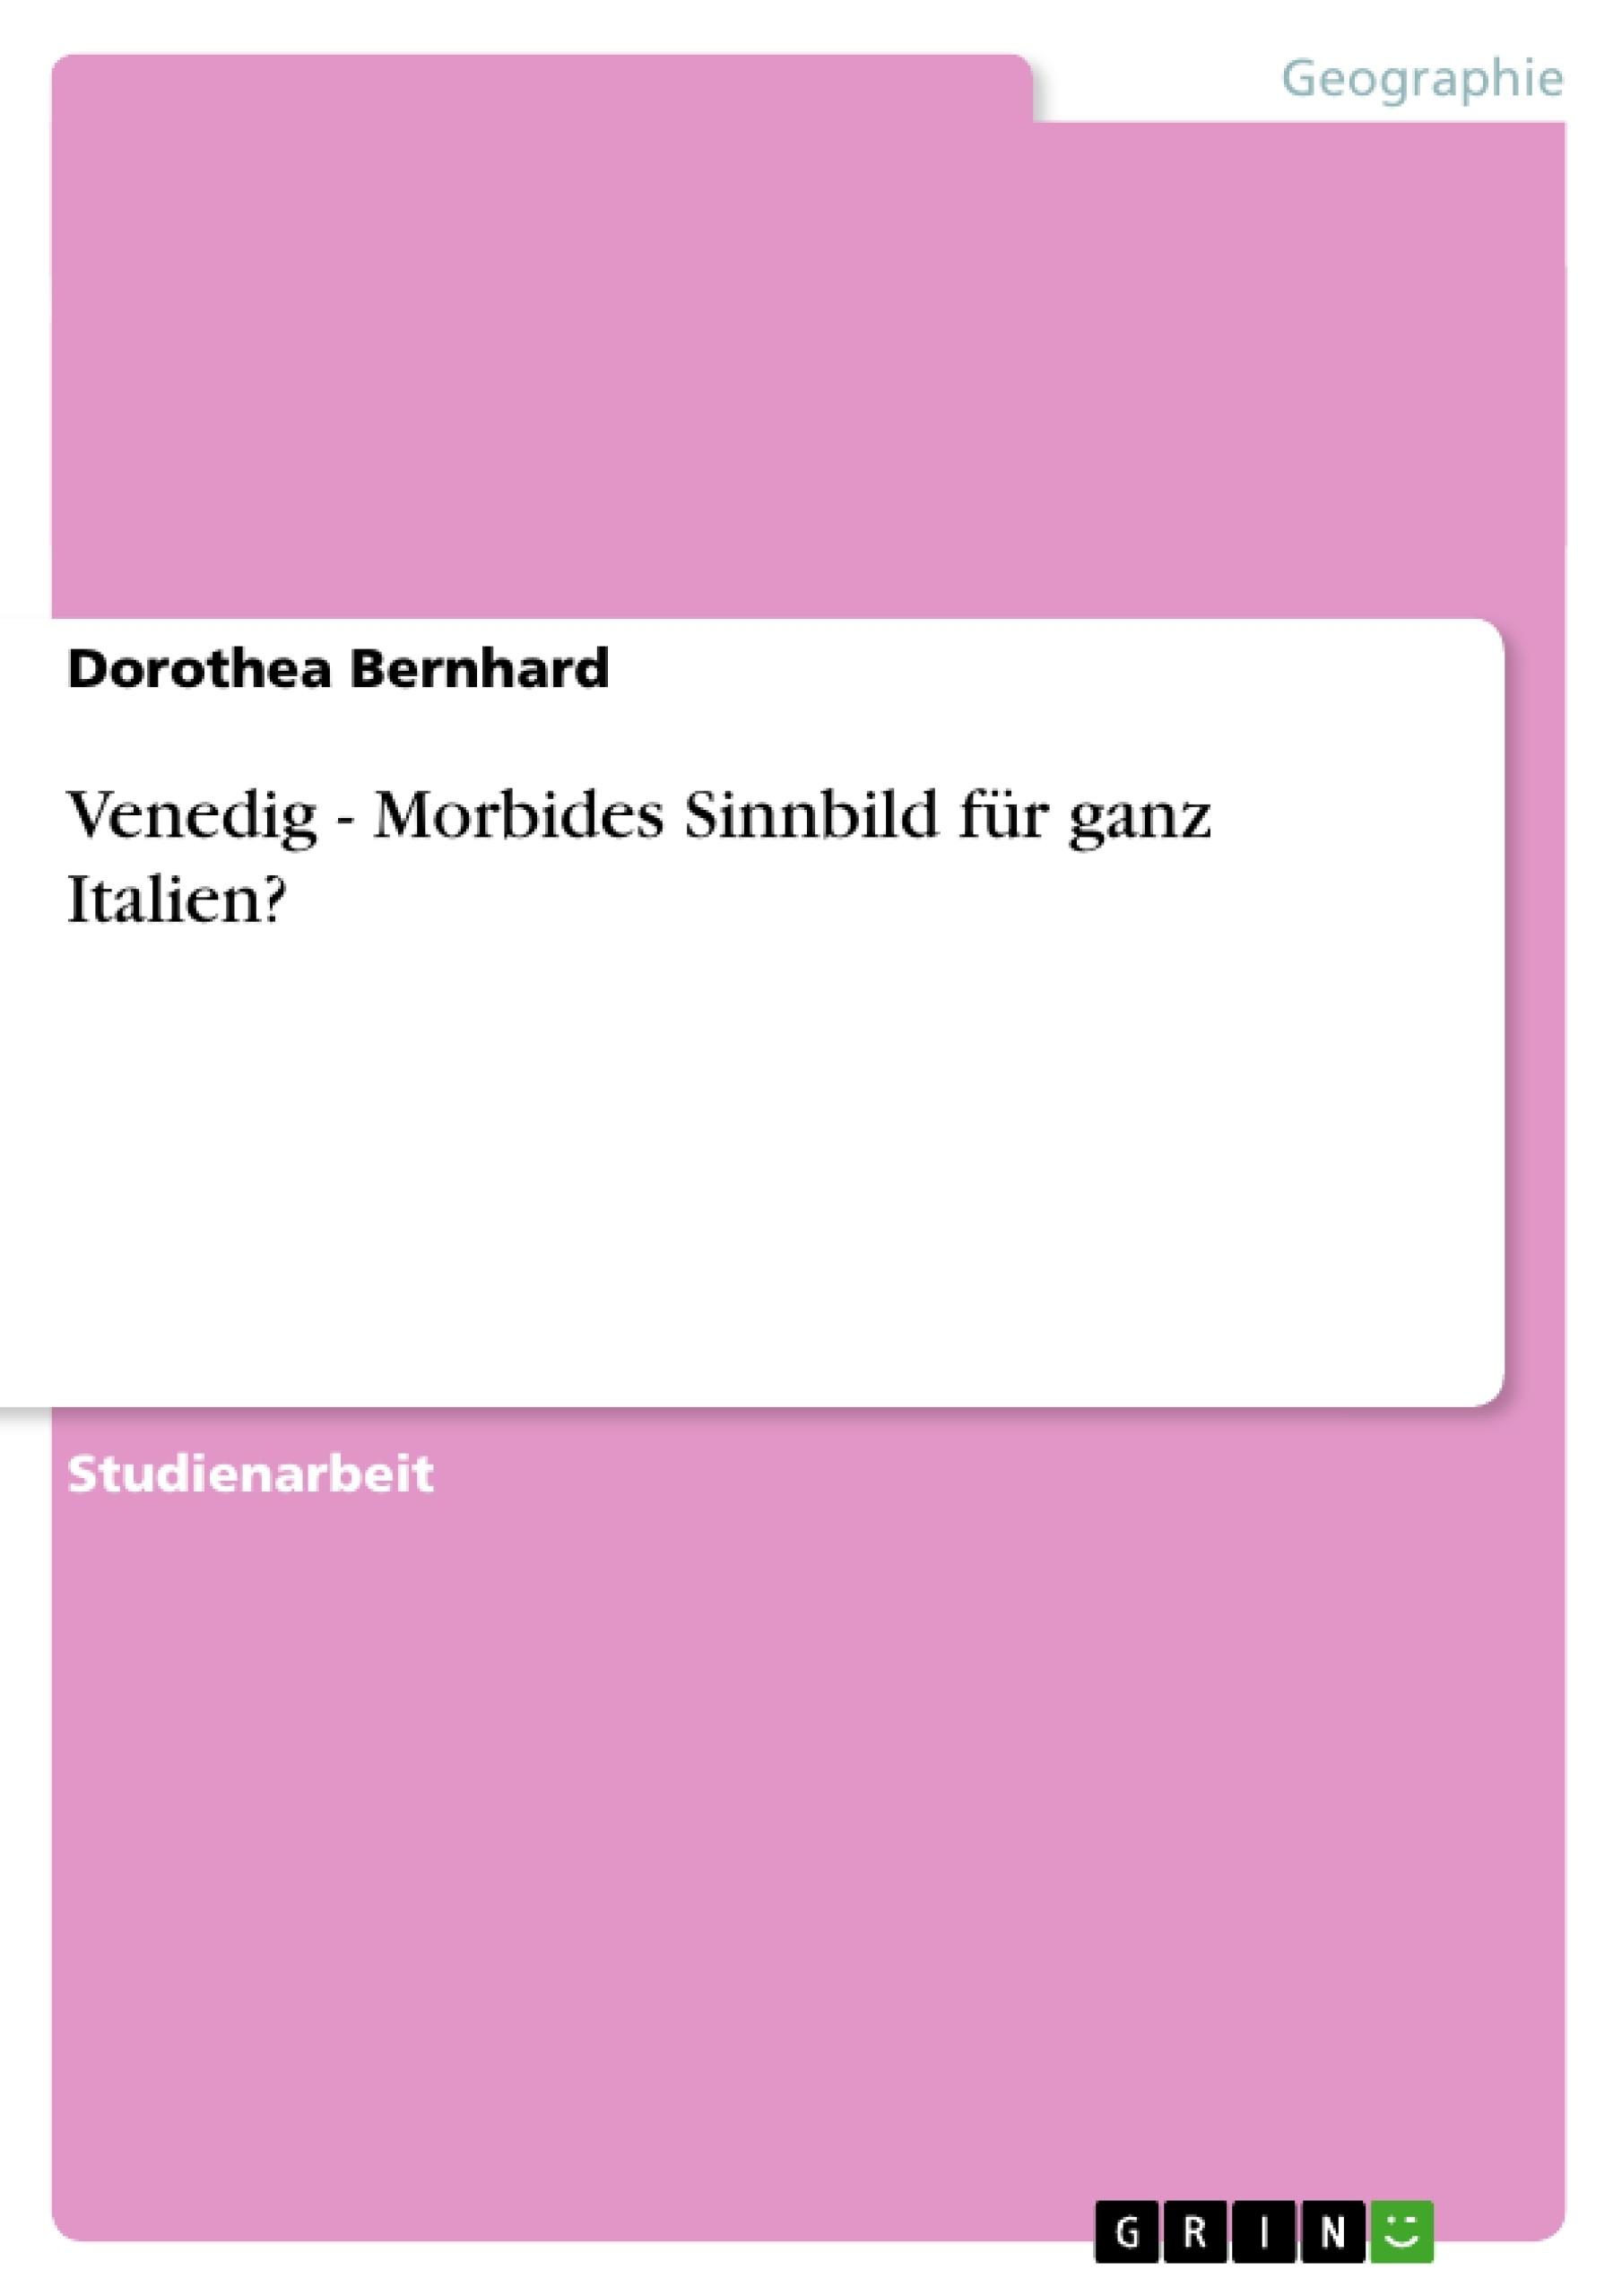 Titel: Venedig - Morbides Sinnbild für ganz Italien?